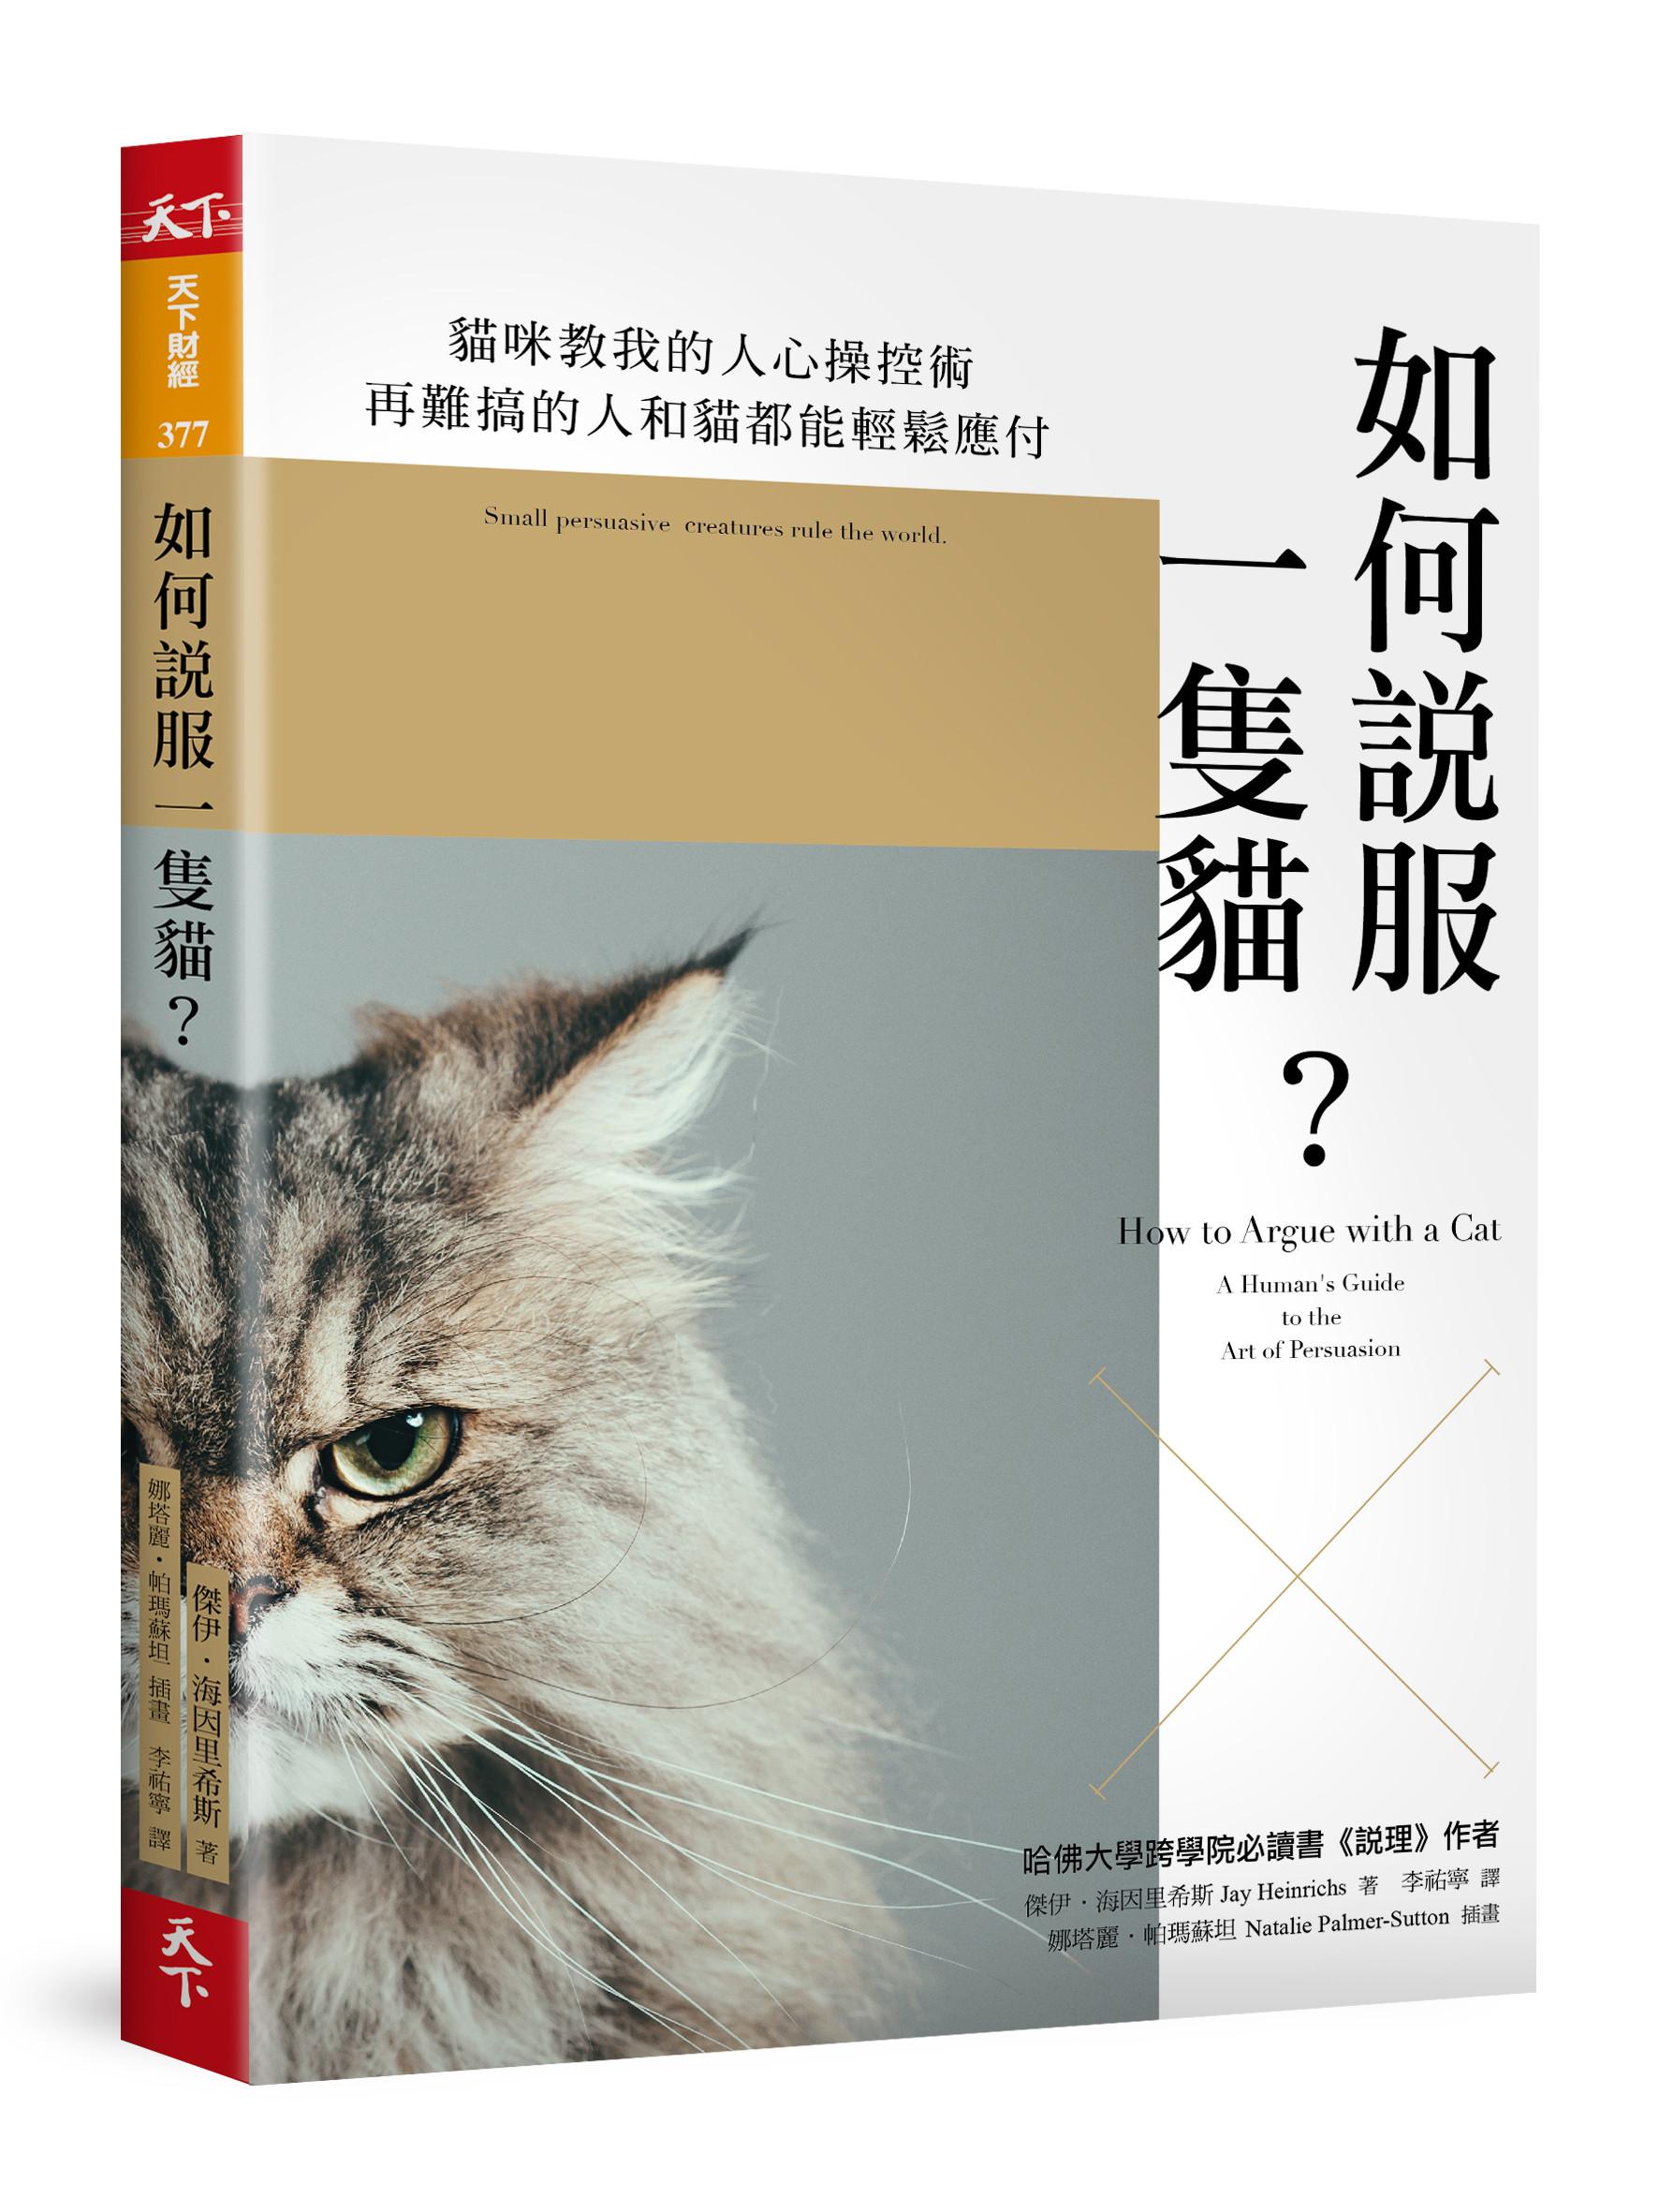 ▲《如何說服一隻貓》書封(圖/天下雜誌提供,請勿隨意翻拍,以免侵權。 )